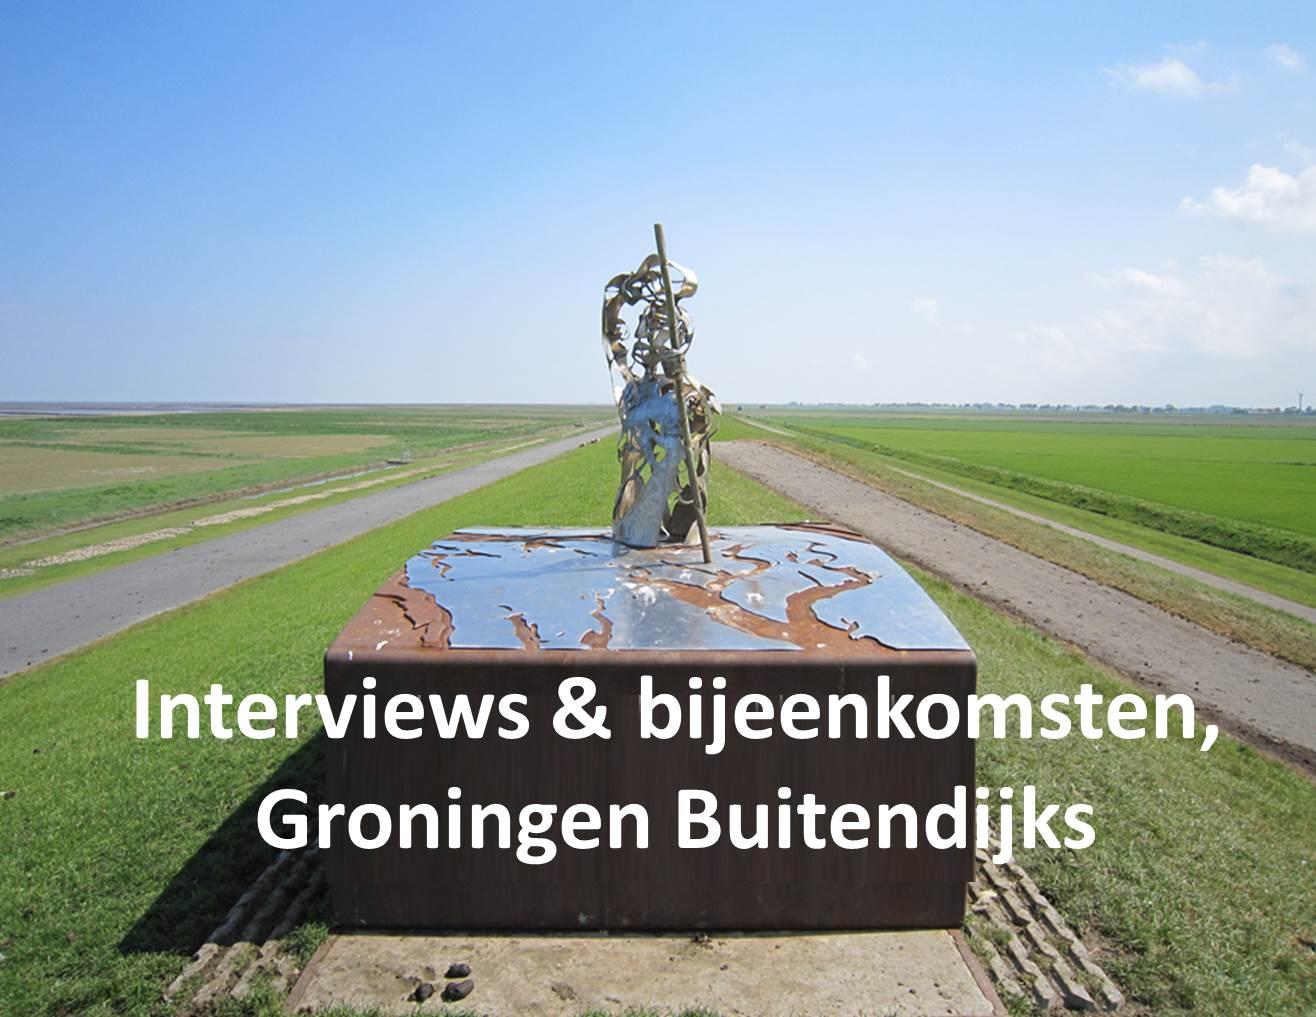 Interviews & bijeenkomsten, Groningen Buitendijks